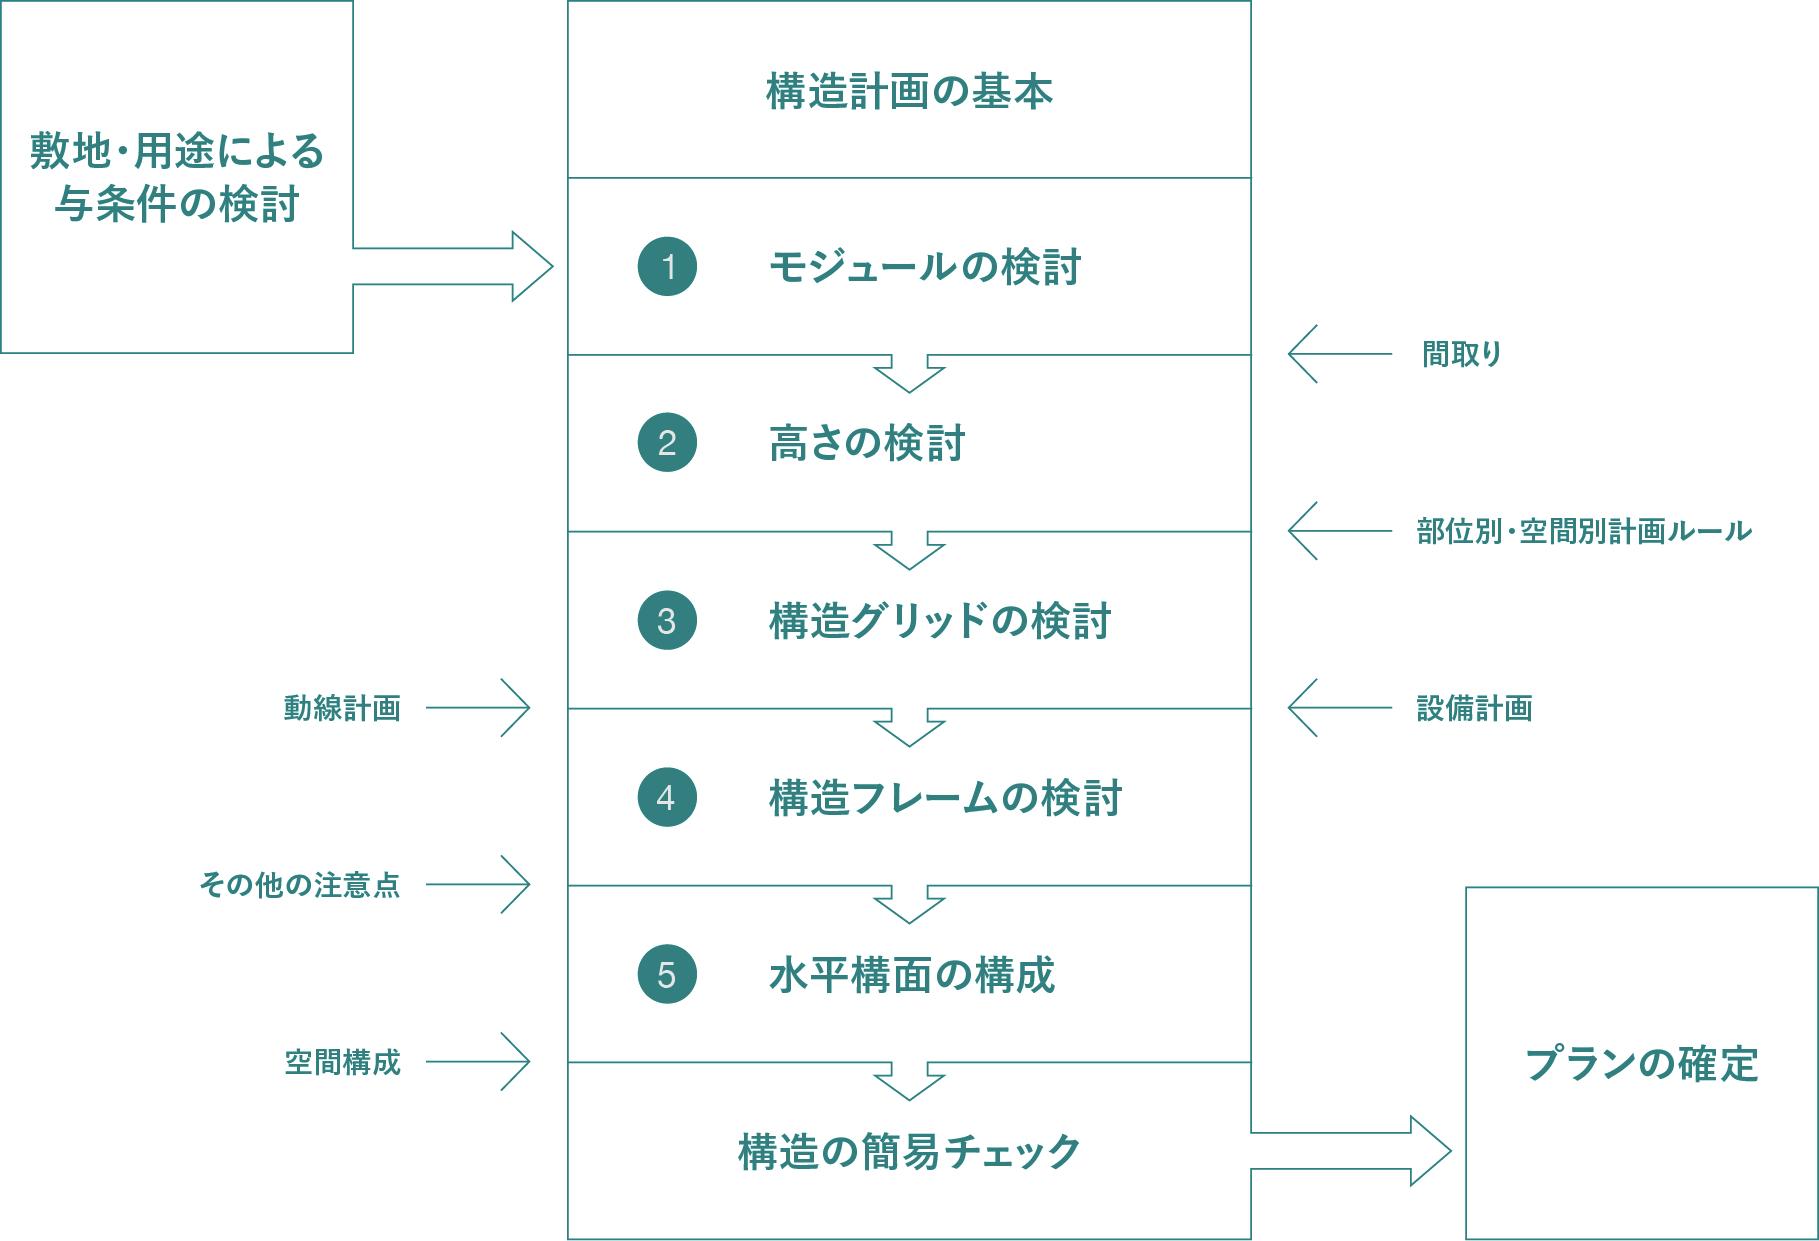 耐震構法SE構法のプランニングがうまくいく設計の考え方を徹底解説 -